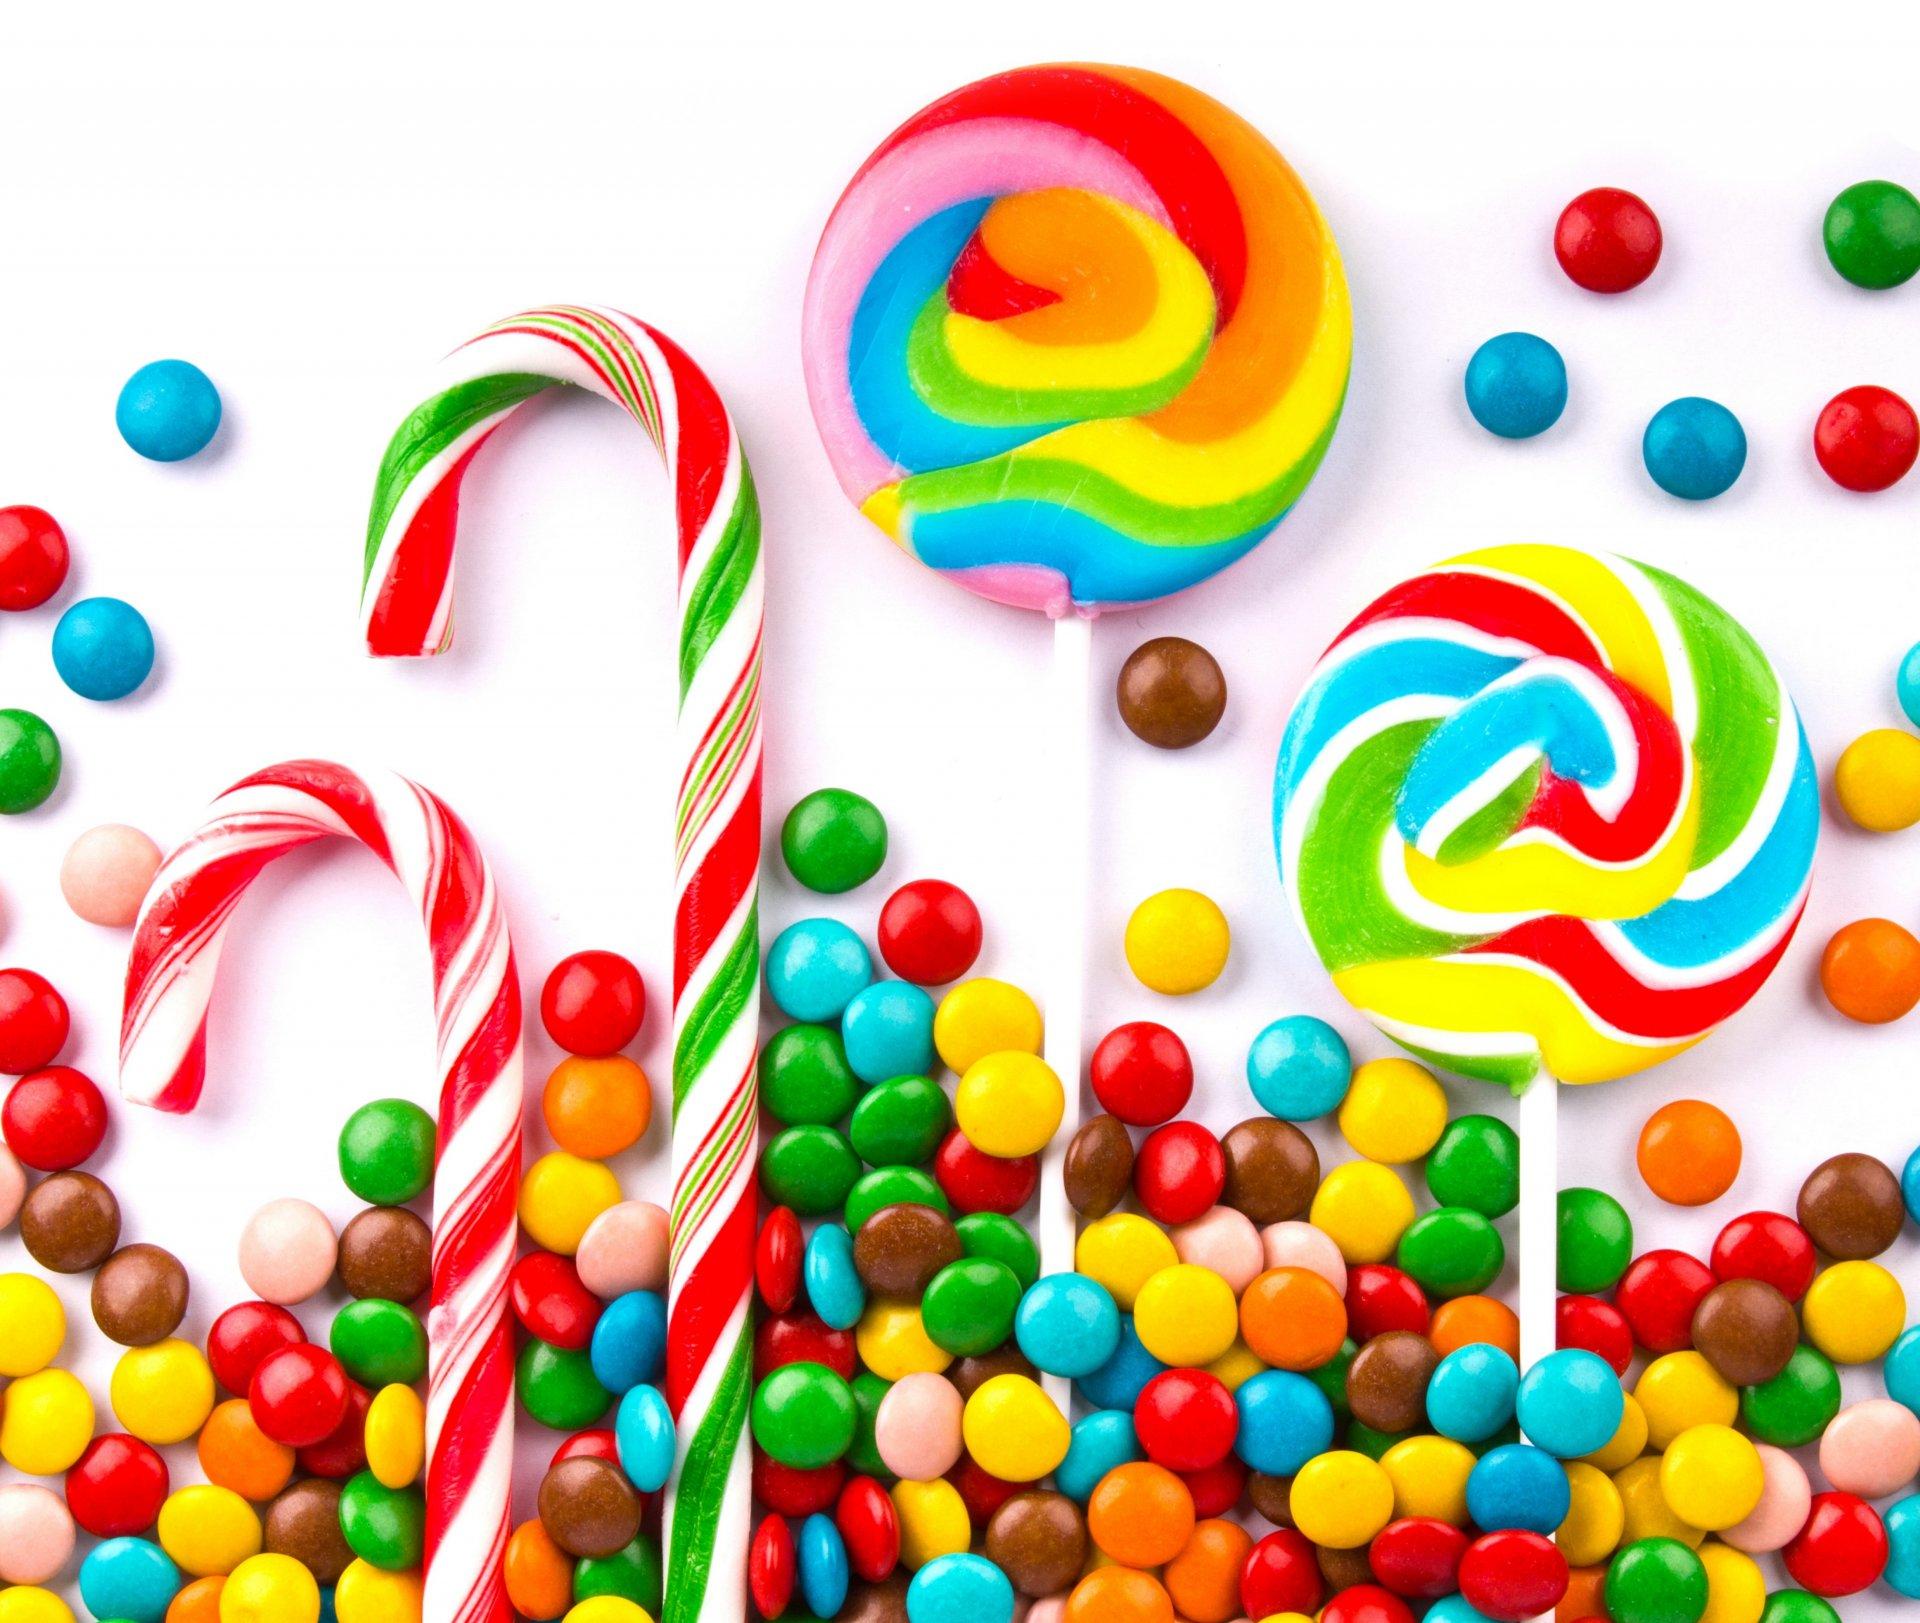 Картинки со сладостями для детей, вечера анимация